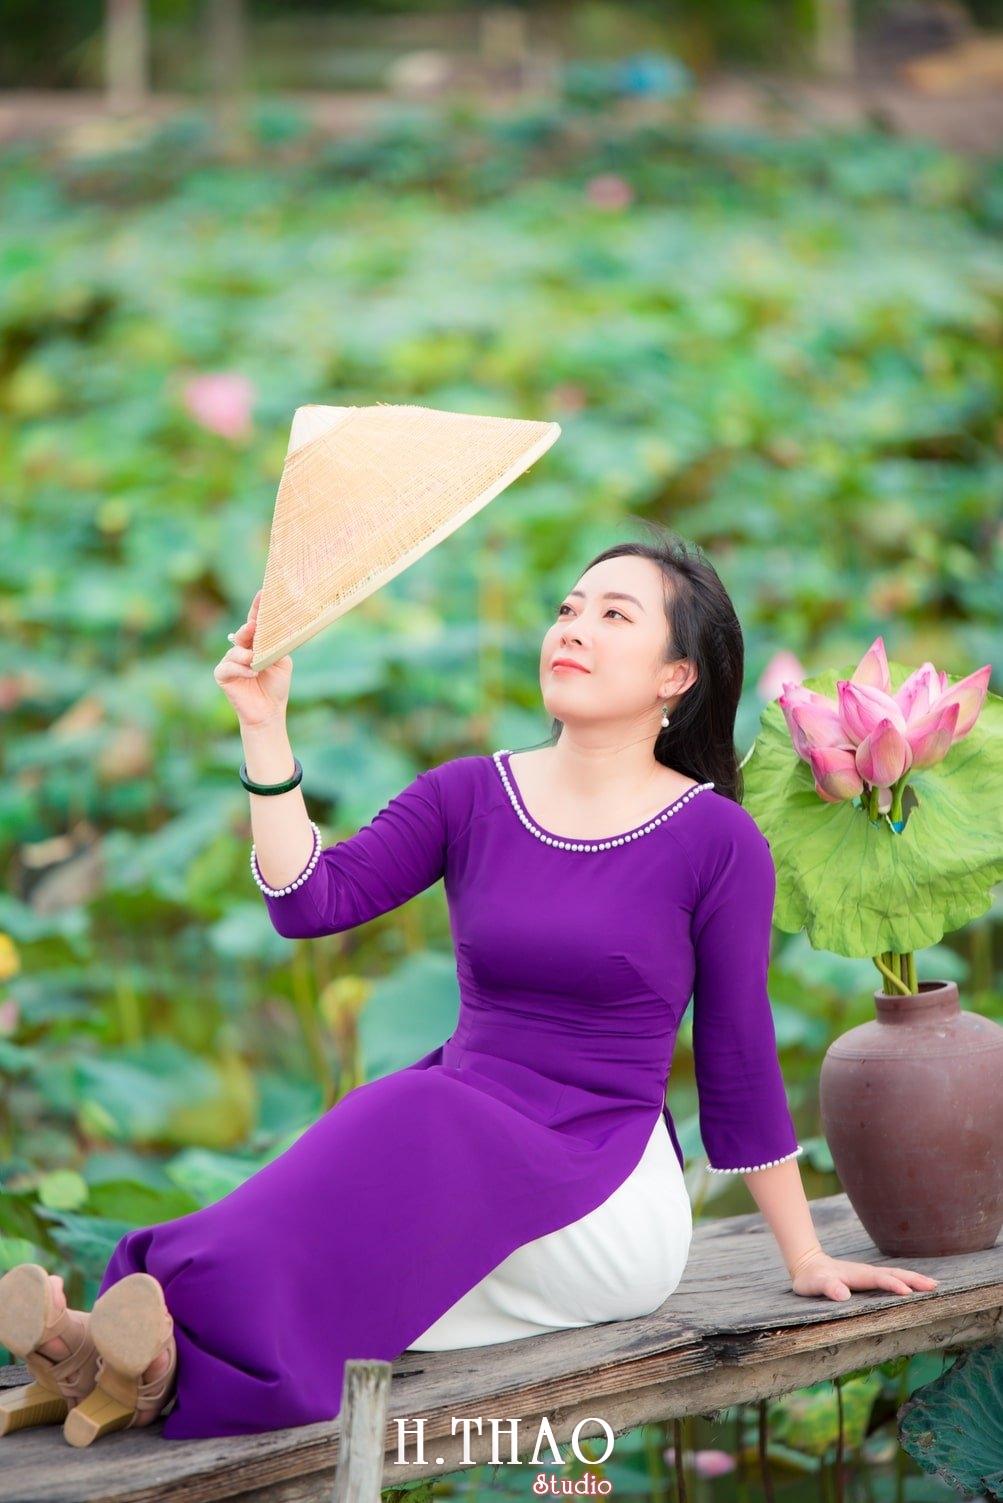 Anh Hoa sen tam da 6 - Bộ ảnh hoa sen với áo dài tím đẹp dễ thương - HThao Studio